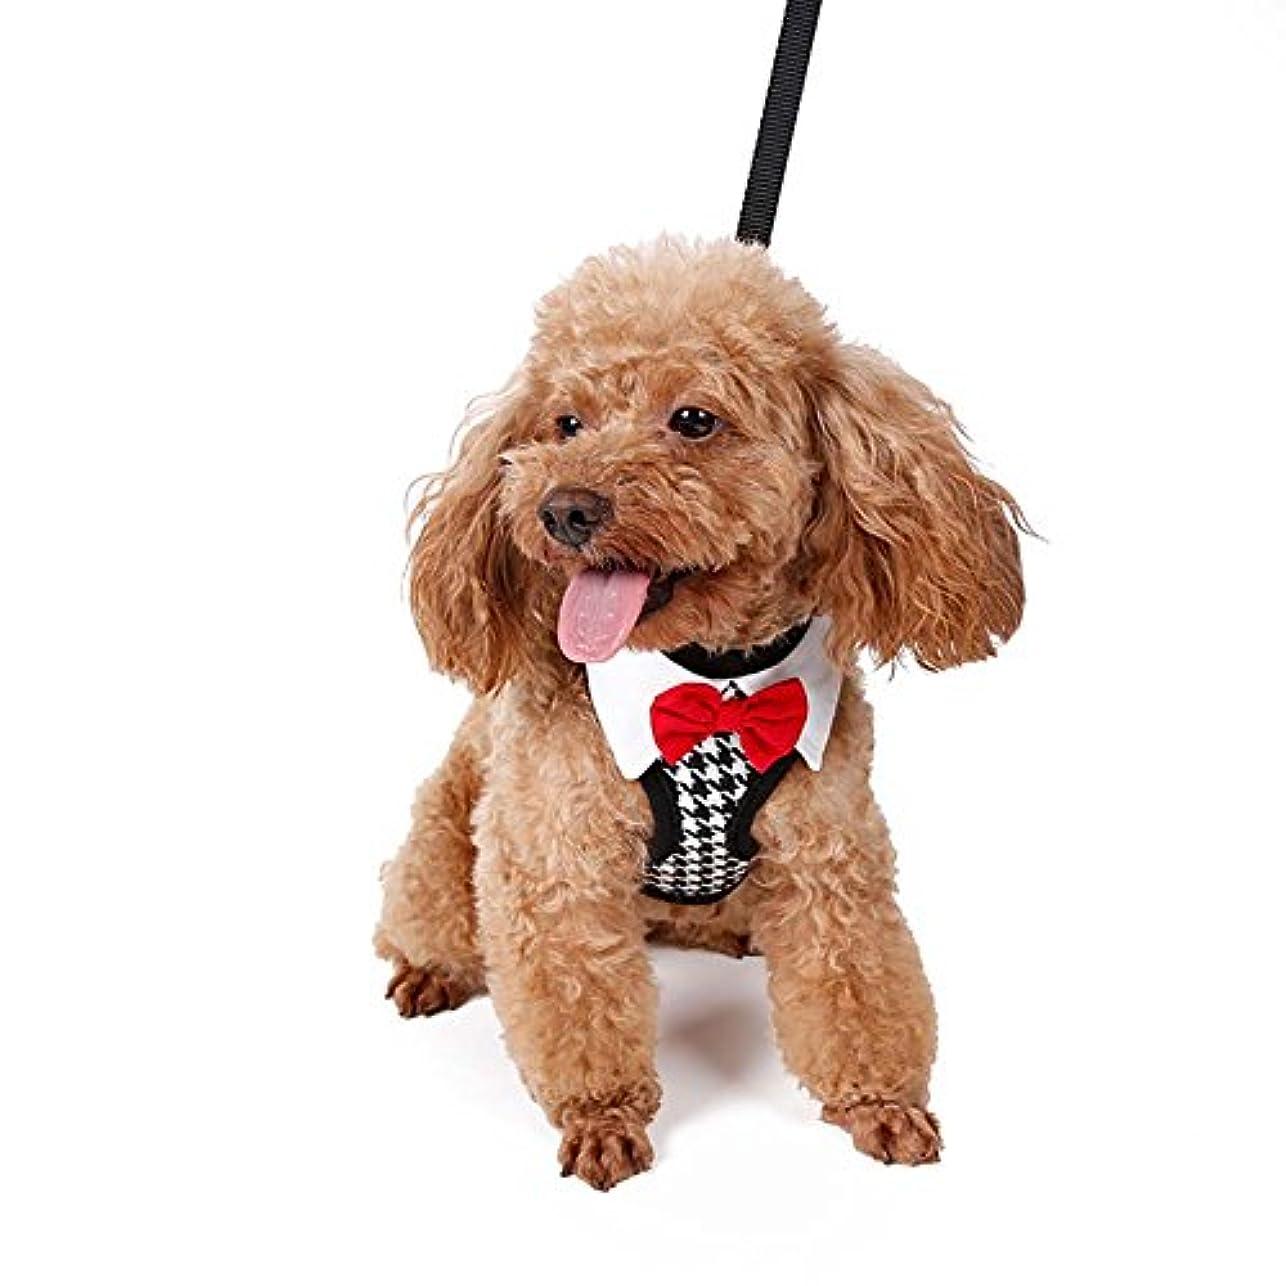 冒険震えるいいね【Tona】犬ハーネス 猫ハーネス 犬 猫リード セット 牽引ロープ 小型 中型 安全 調節可能 軽量 通気 簡単脱着式 胸あて式 結び ソフト お散歩アイテム お出かけ用品 サイズM